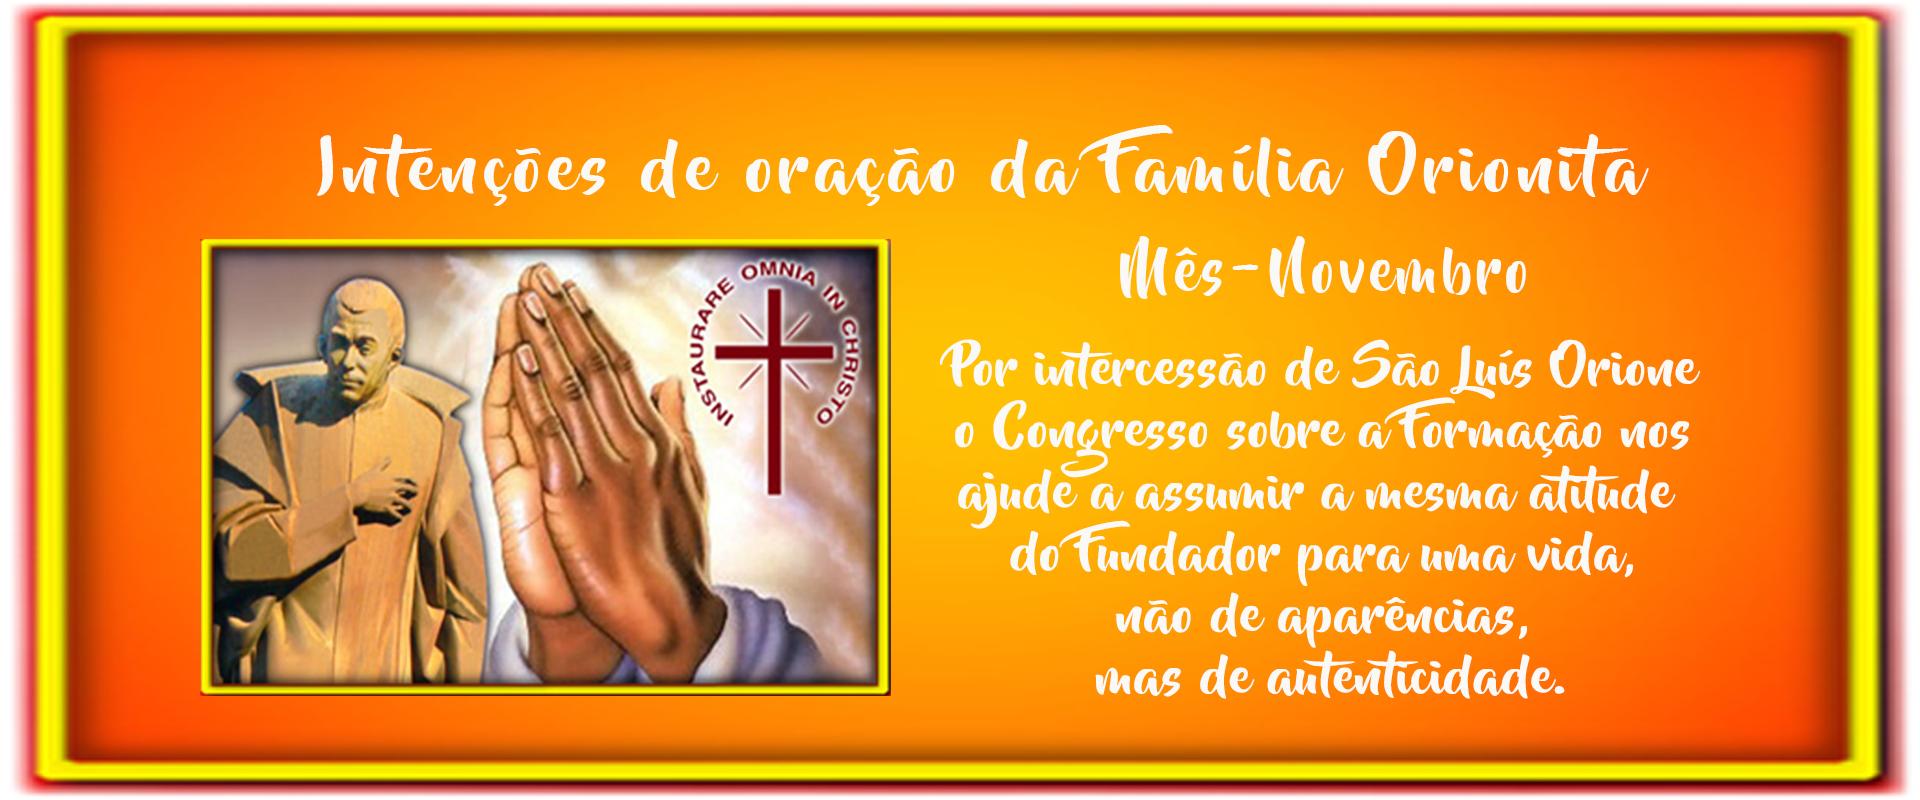 Intenção de oração da Familia Orionita